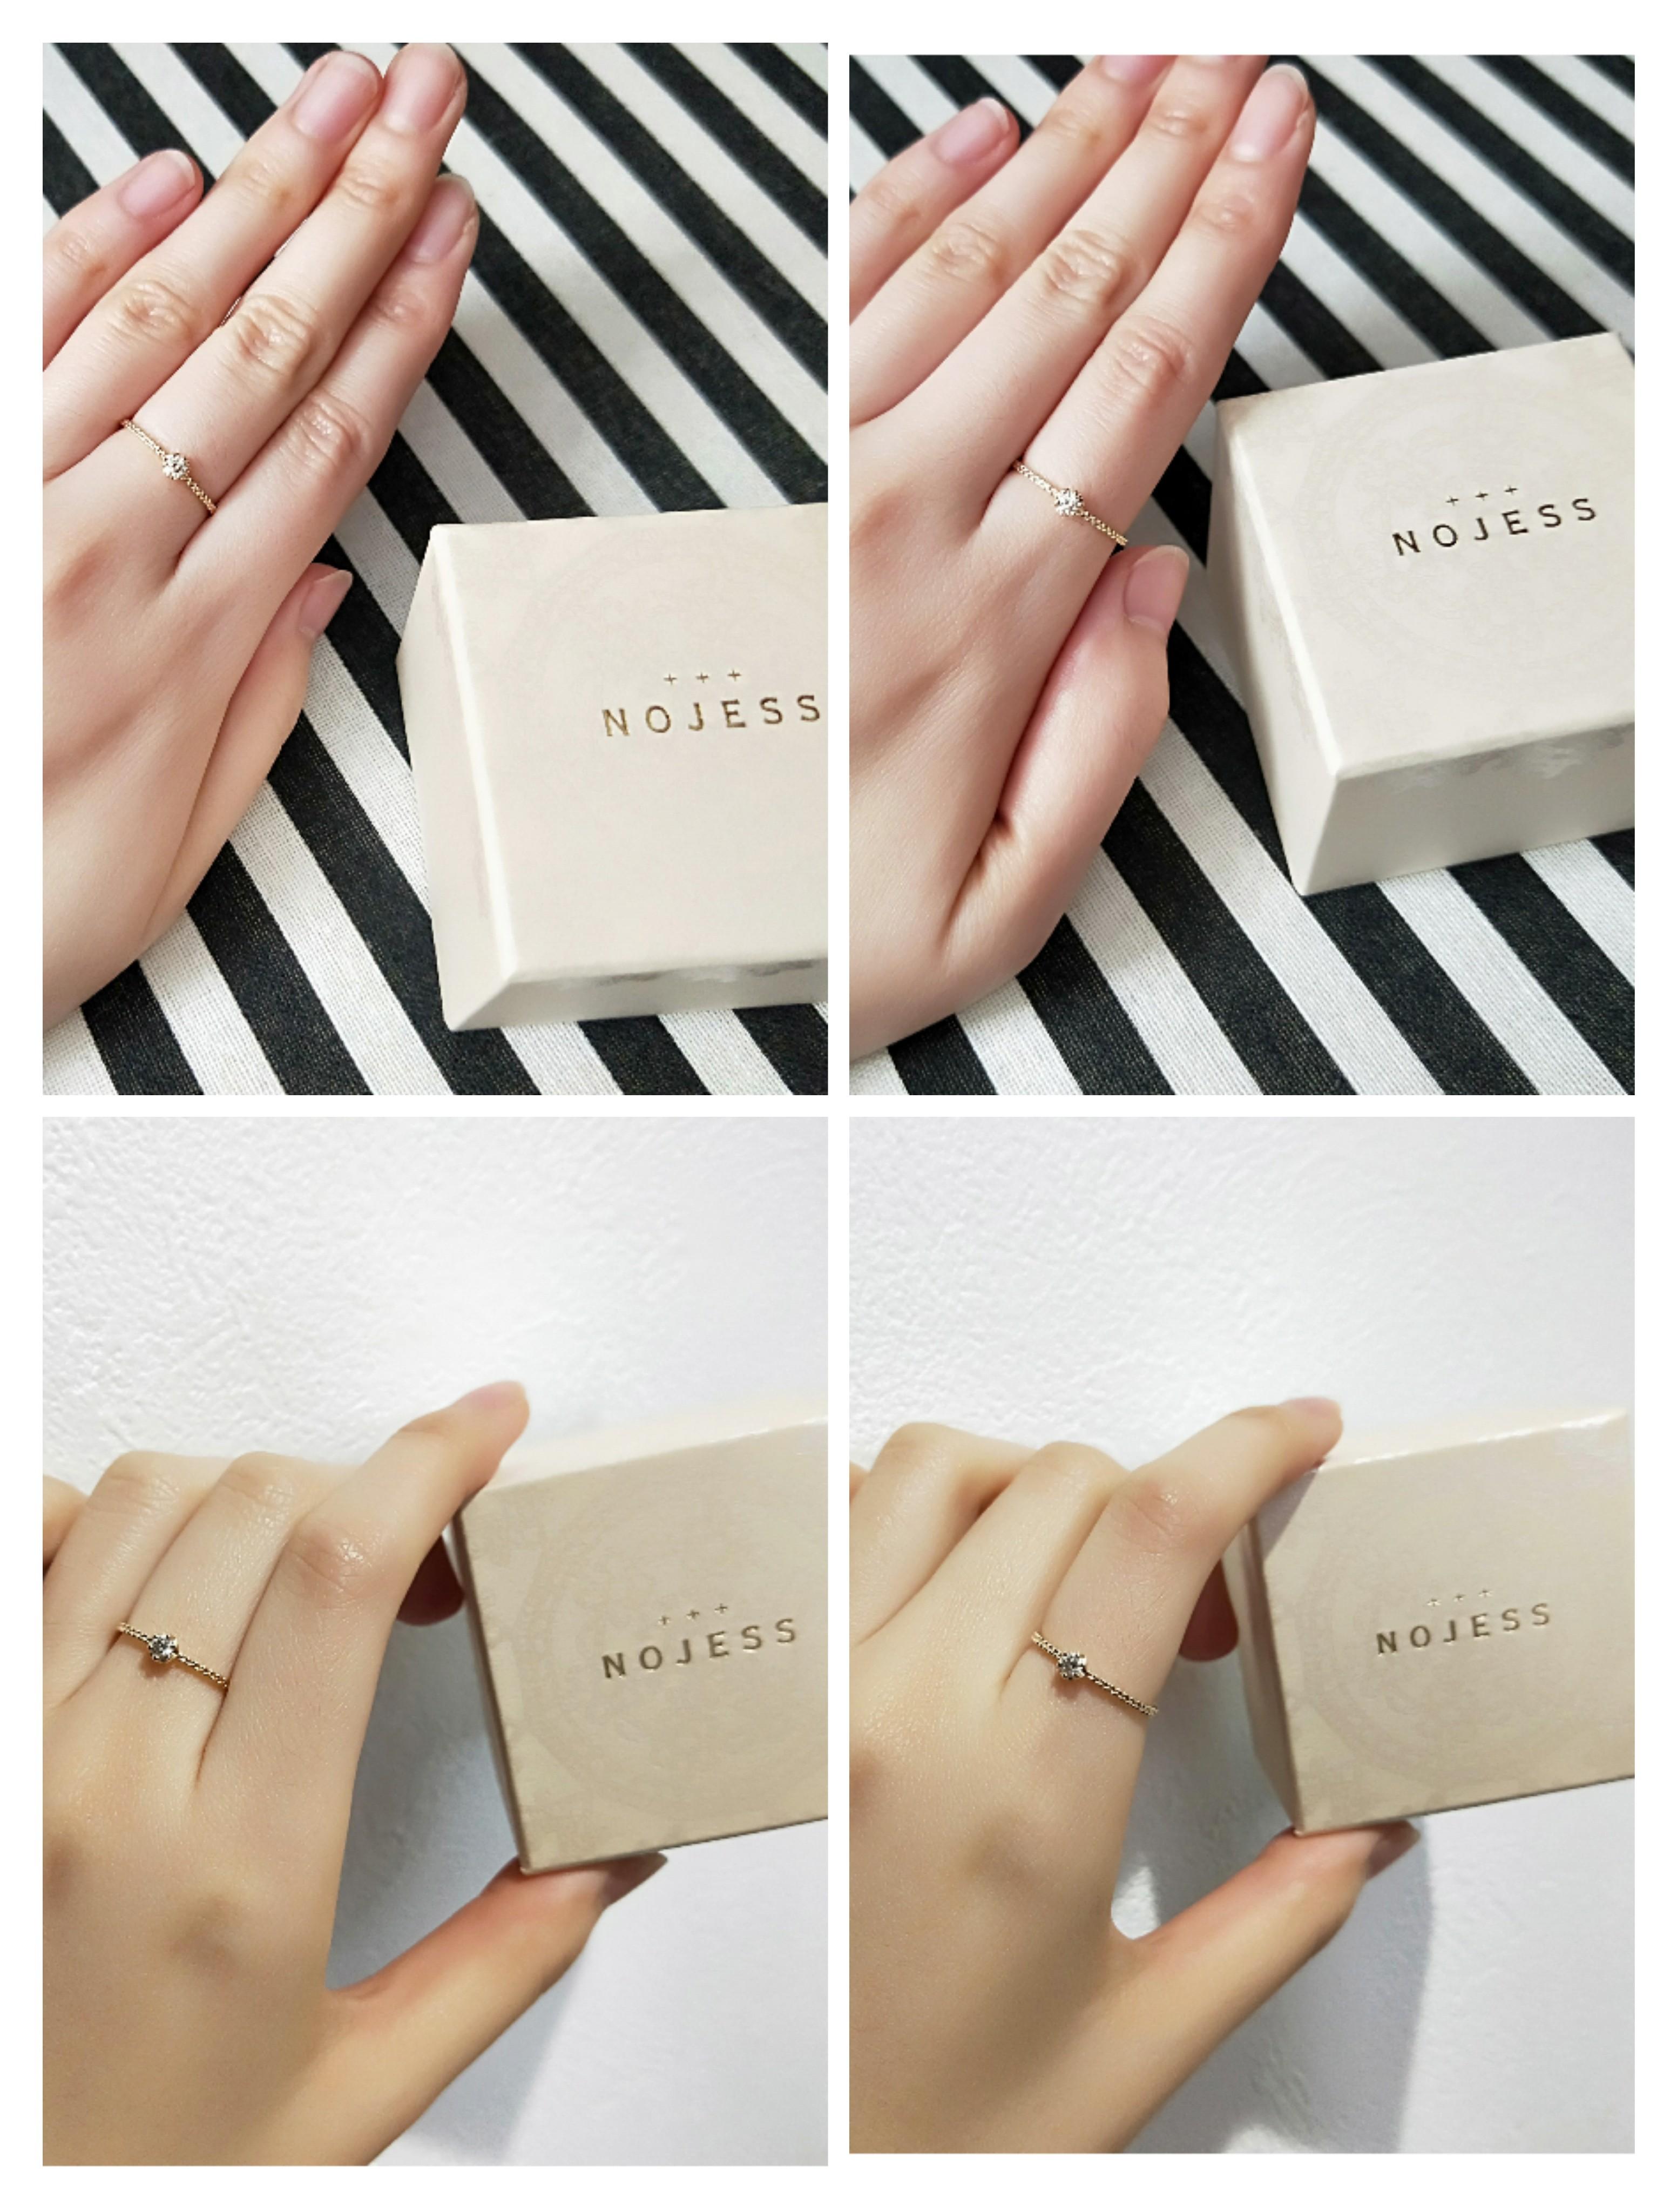 【NOJESS代官山店】ニューオープン記念した限定商品の一粒ダイヤリングを購入♡_2